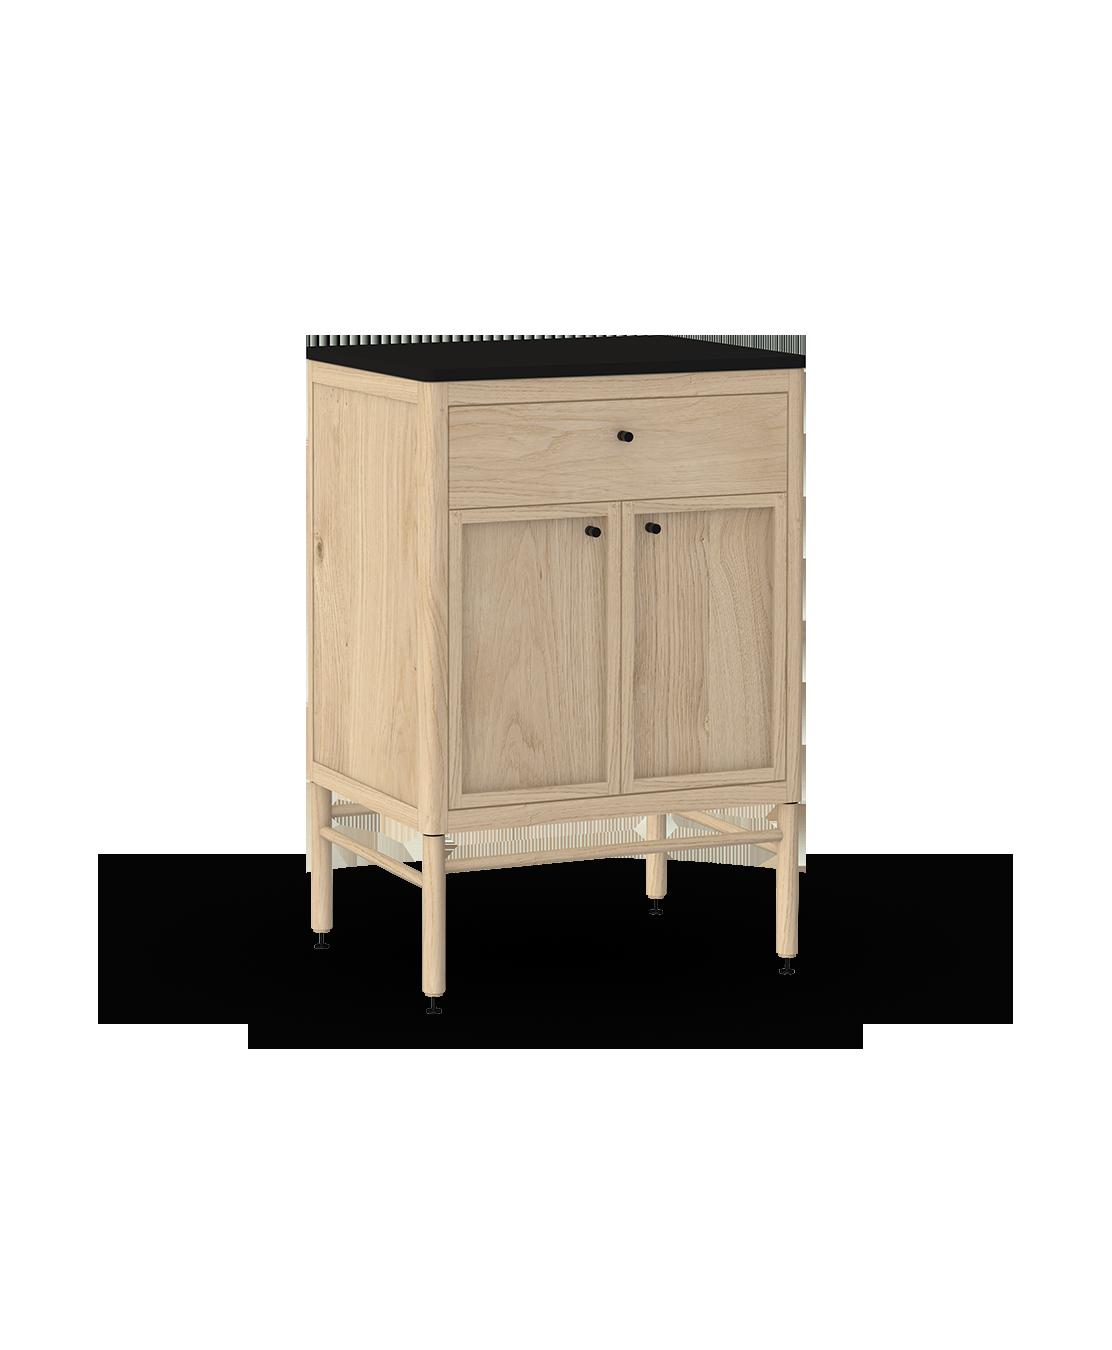 armoire inférieure modulaire de rangement en bois massif coquo statio avec 1 tiroir 2 portes chêne blanc 24 pouces C4-C-2418-1202-NA